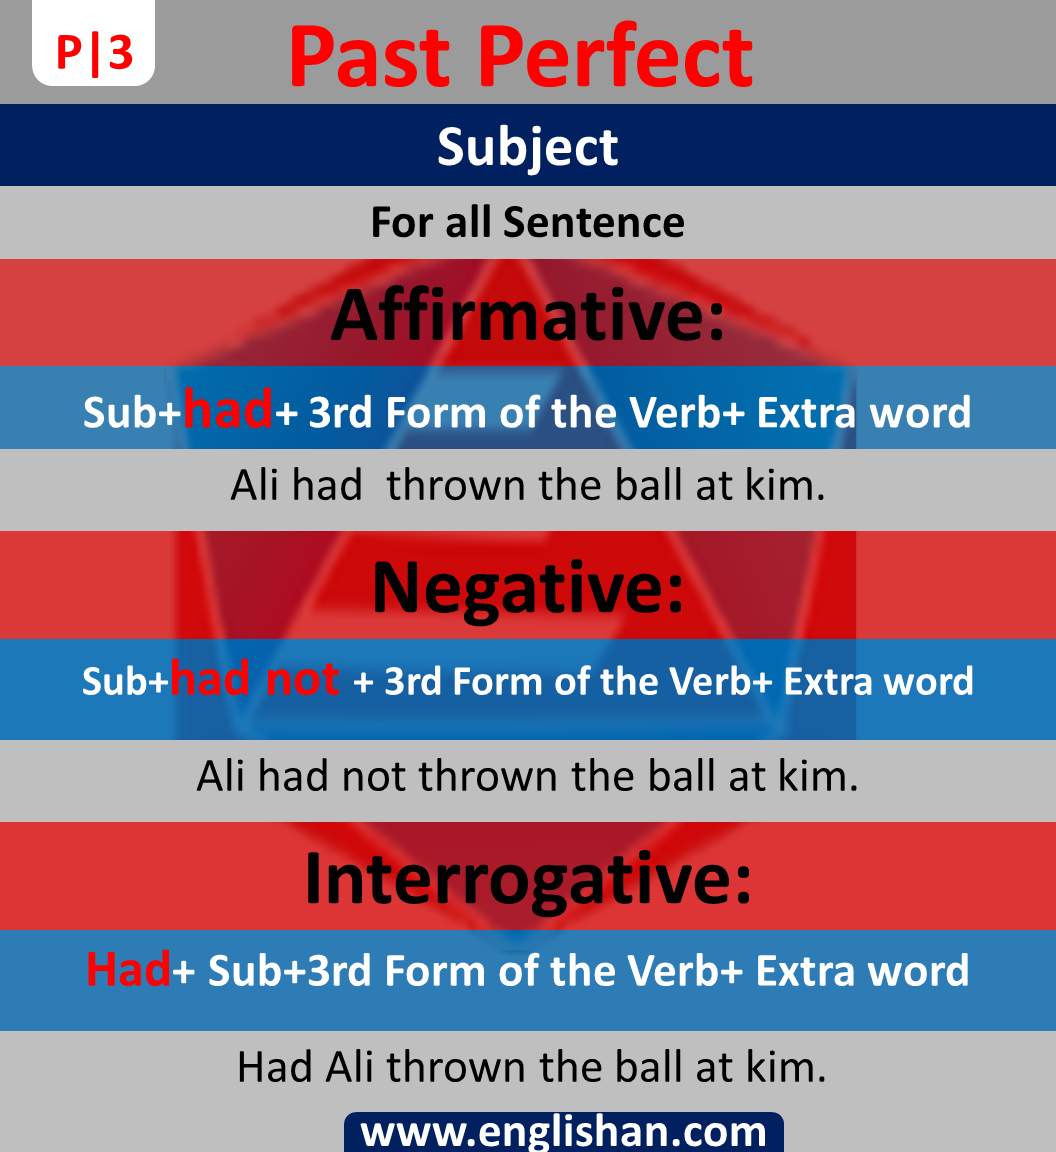 Past Perfect Sentences